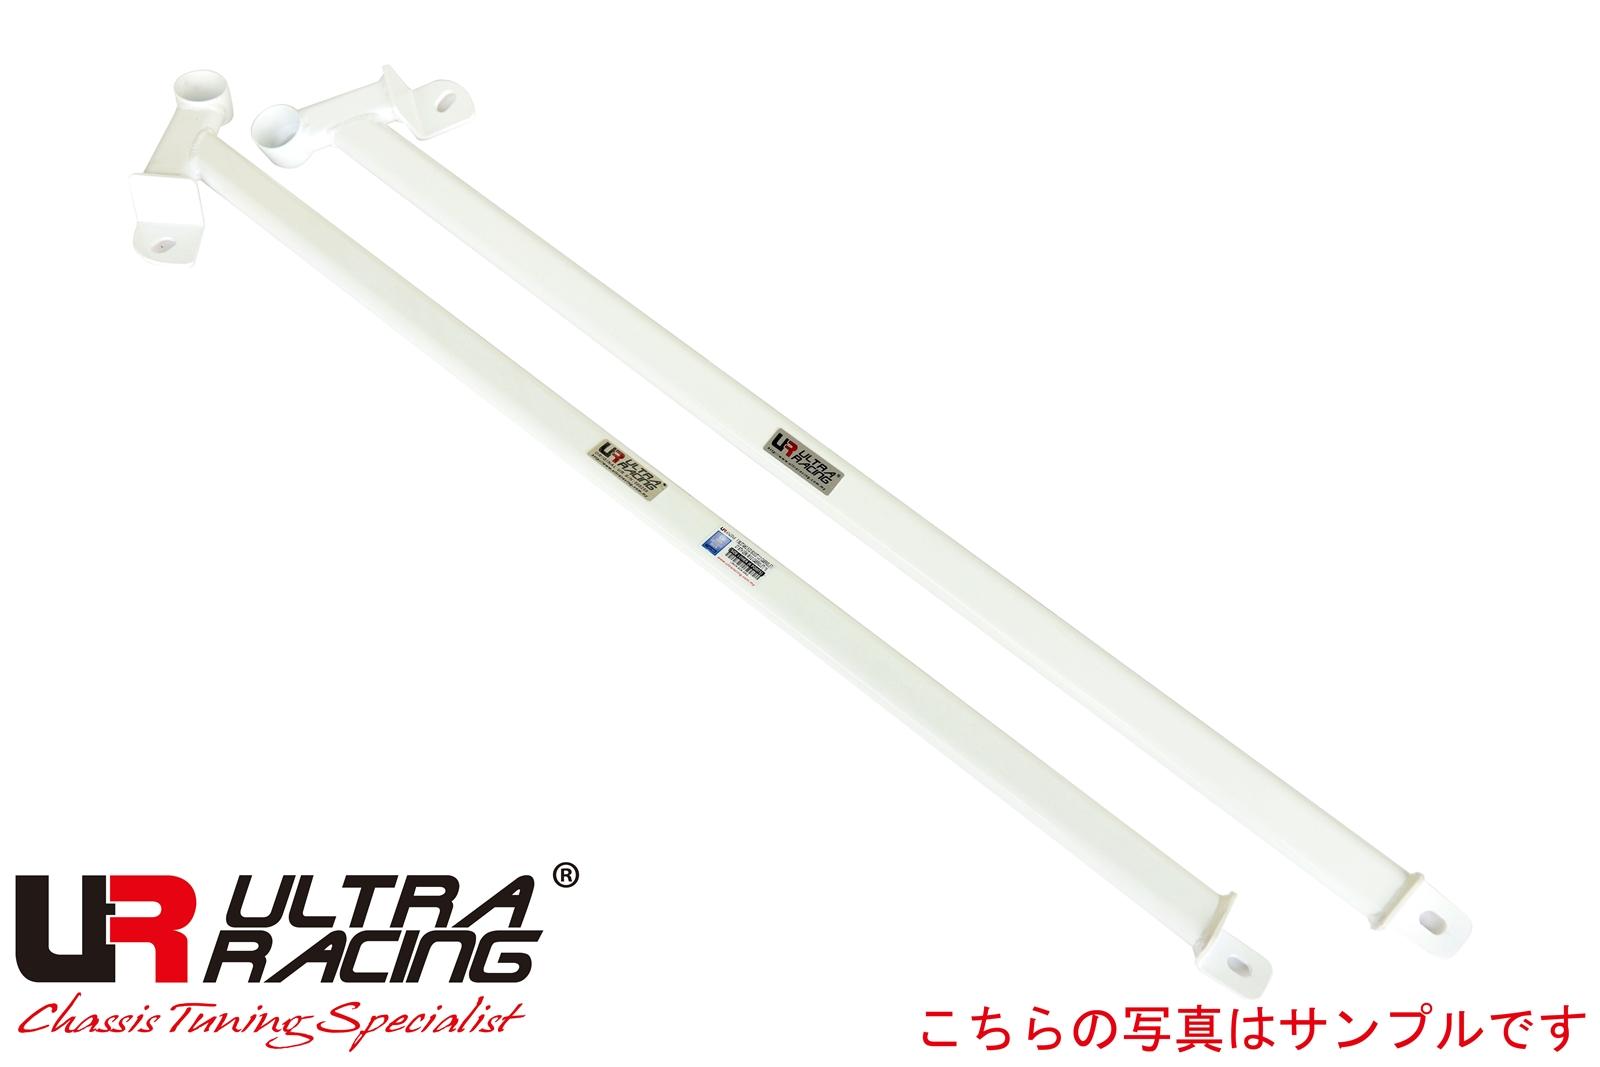 ULTRARACING ウルトラレーシング サイドロアバー アクセラ BL5FW マツダ:カー用品通販ショップ VS-ONE